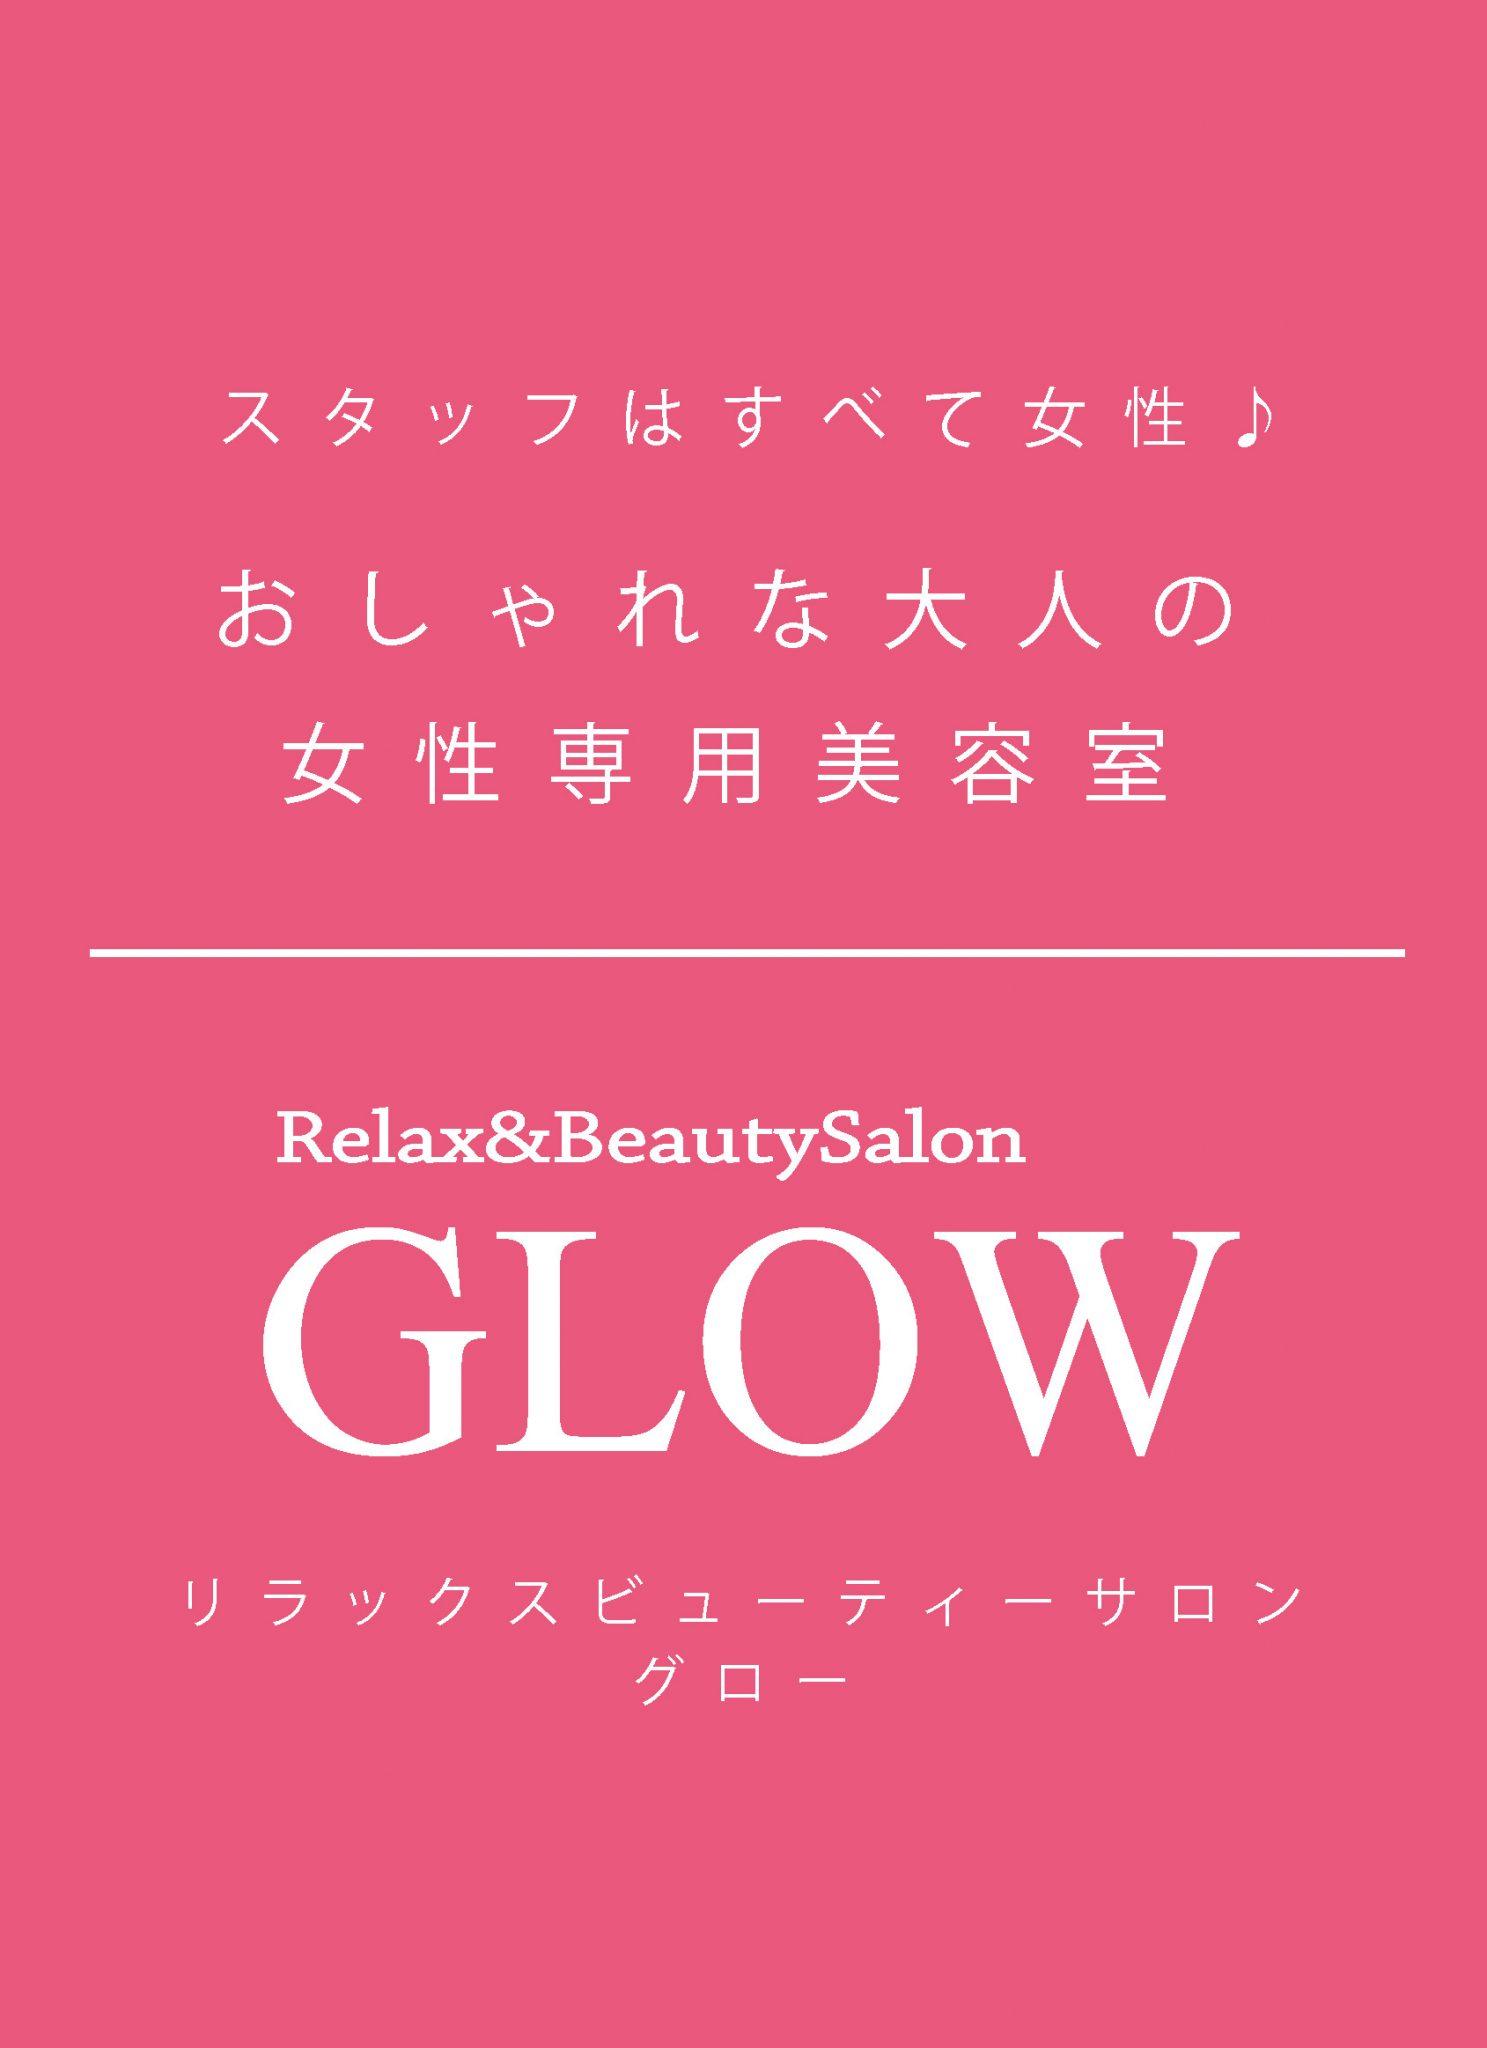 Relax & Beauty Salon GLOW